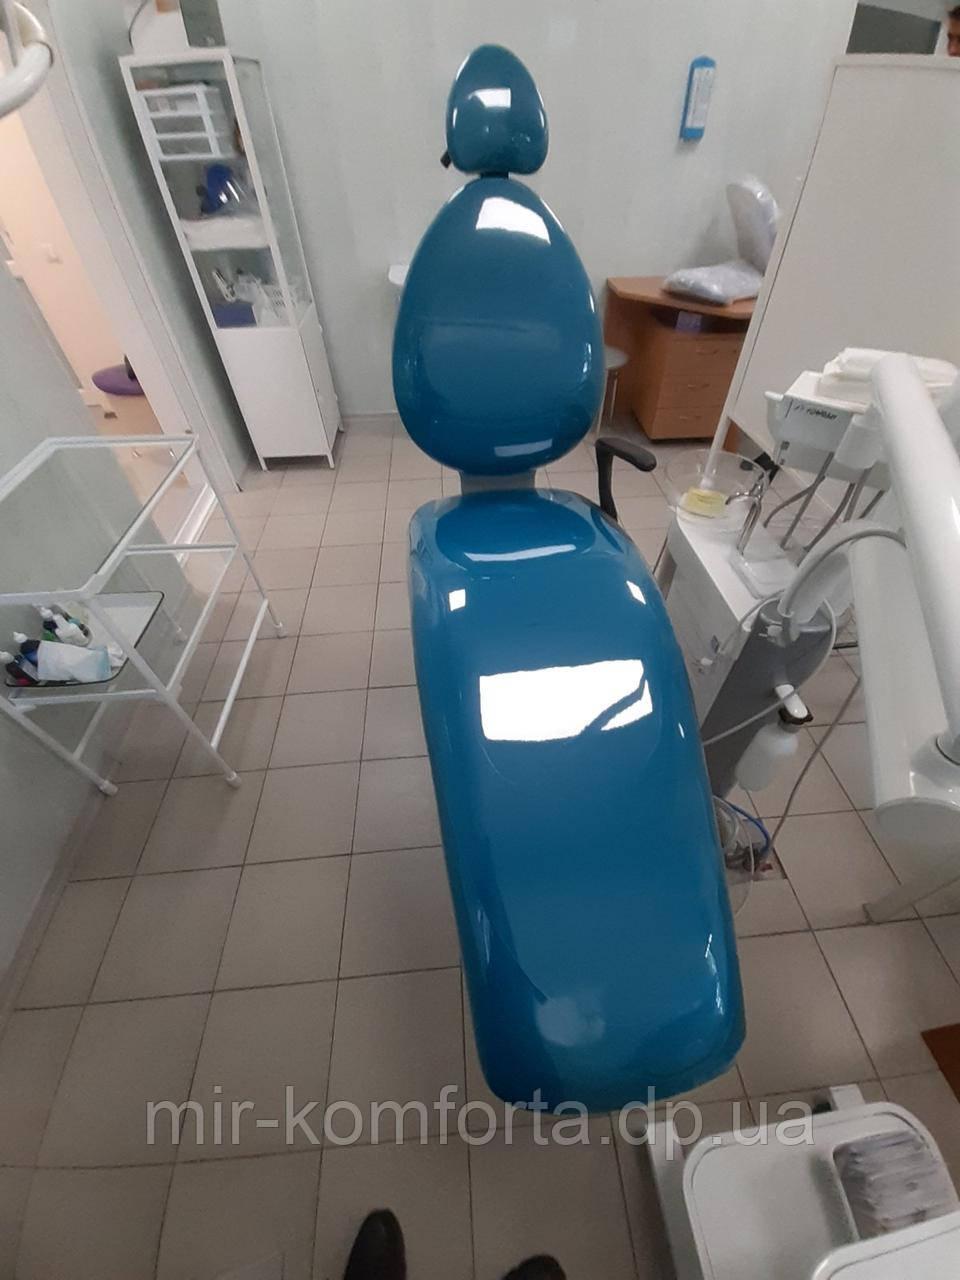 Ламінування стоматологічного крісла